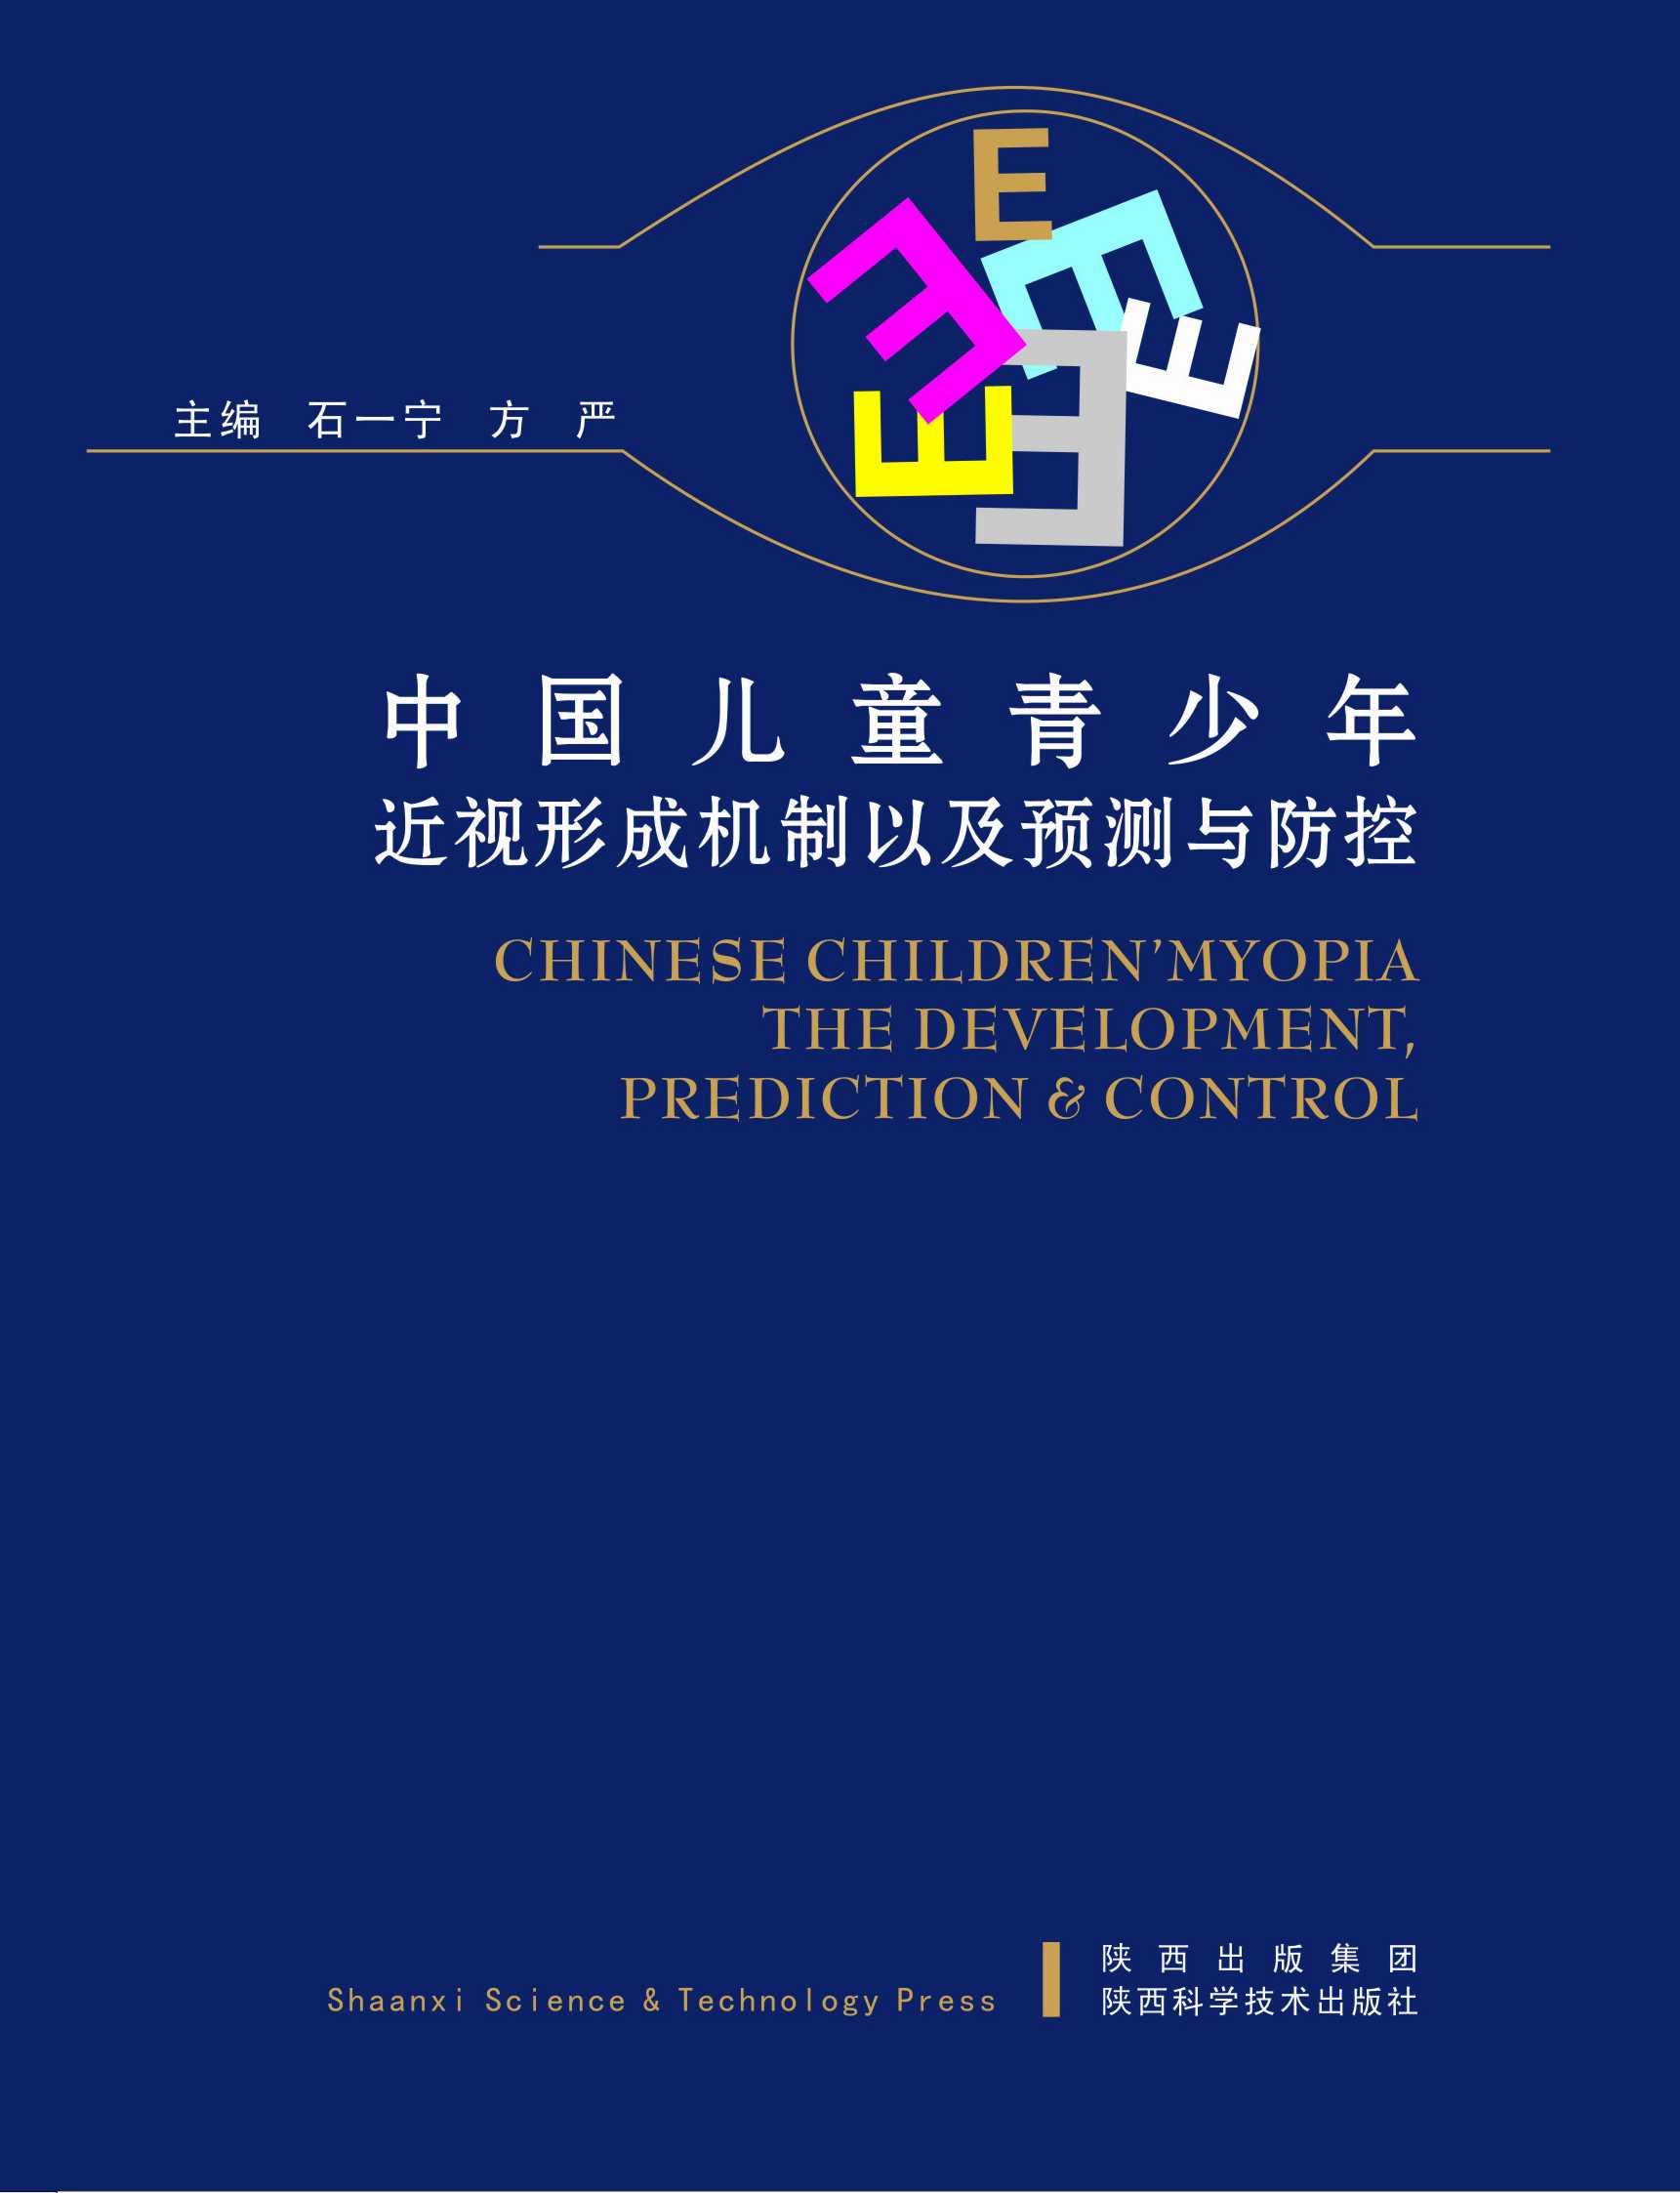 中国儿童青少年近视形成机制以及预测与防控